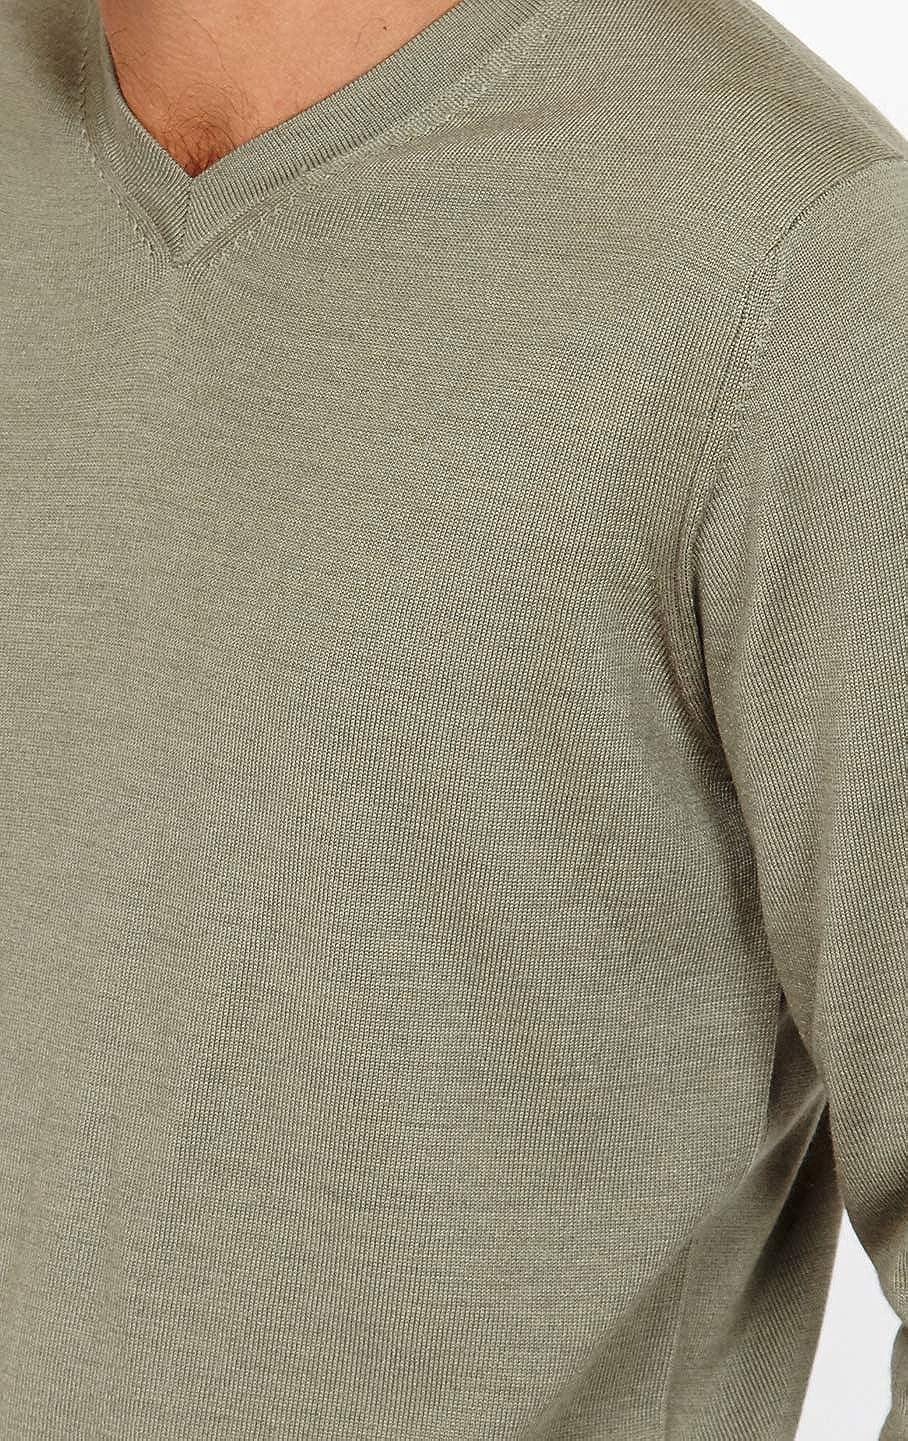 Jack Stuart Mezcla de Lana de Merino Jersey con Cuello de Pico para Hombre